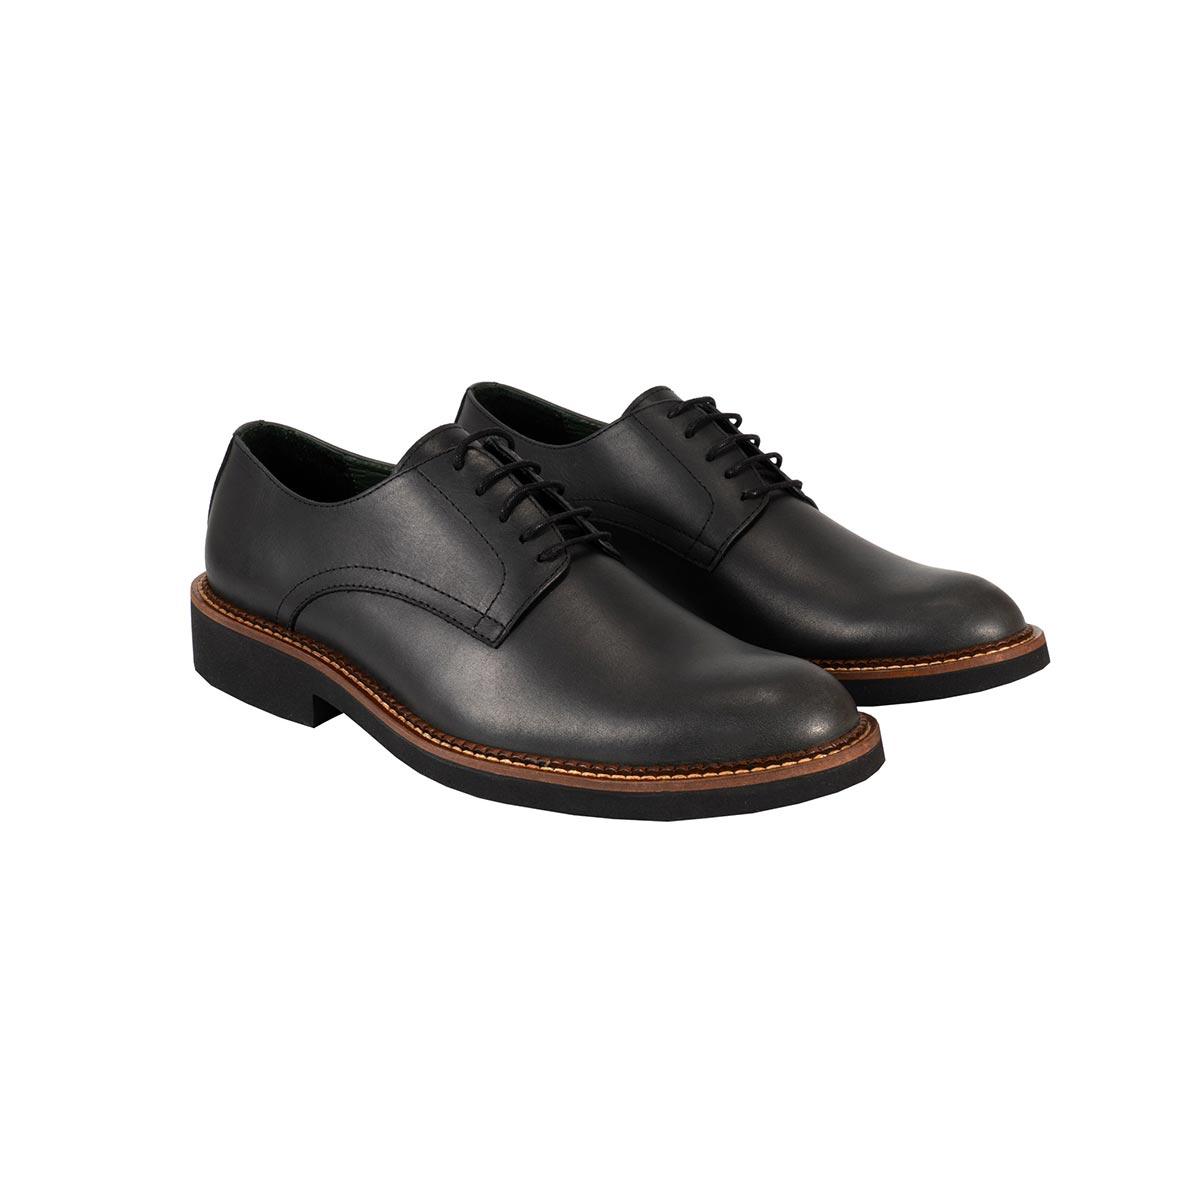 103-zapato-composition